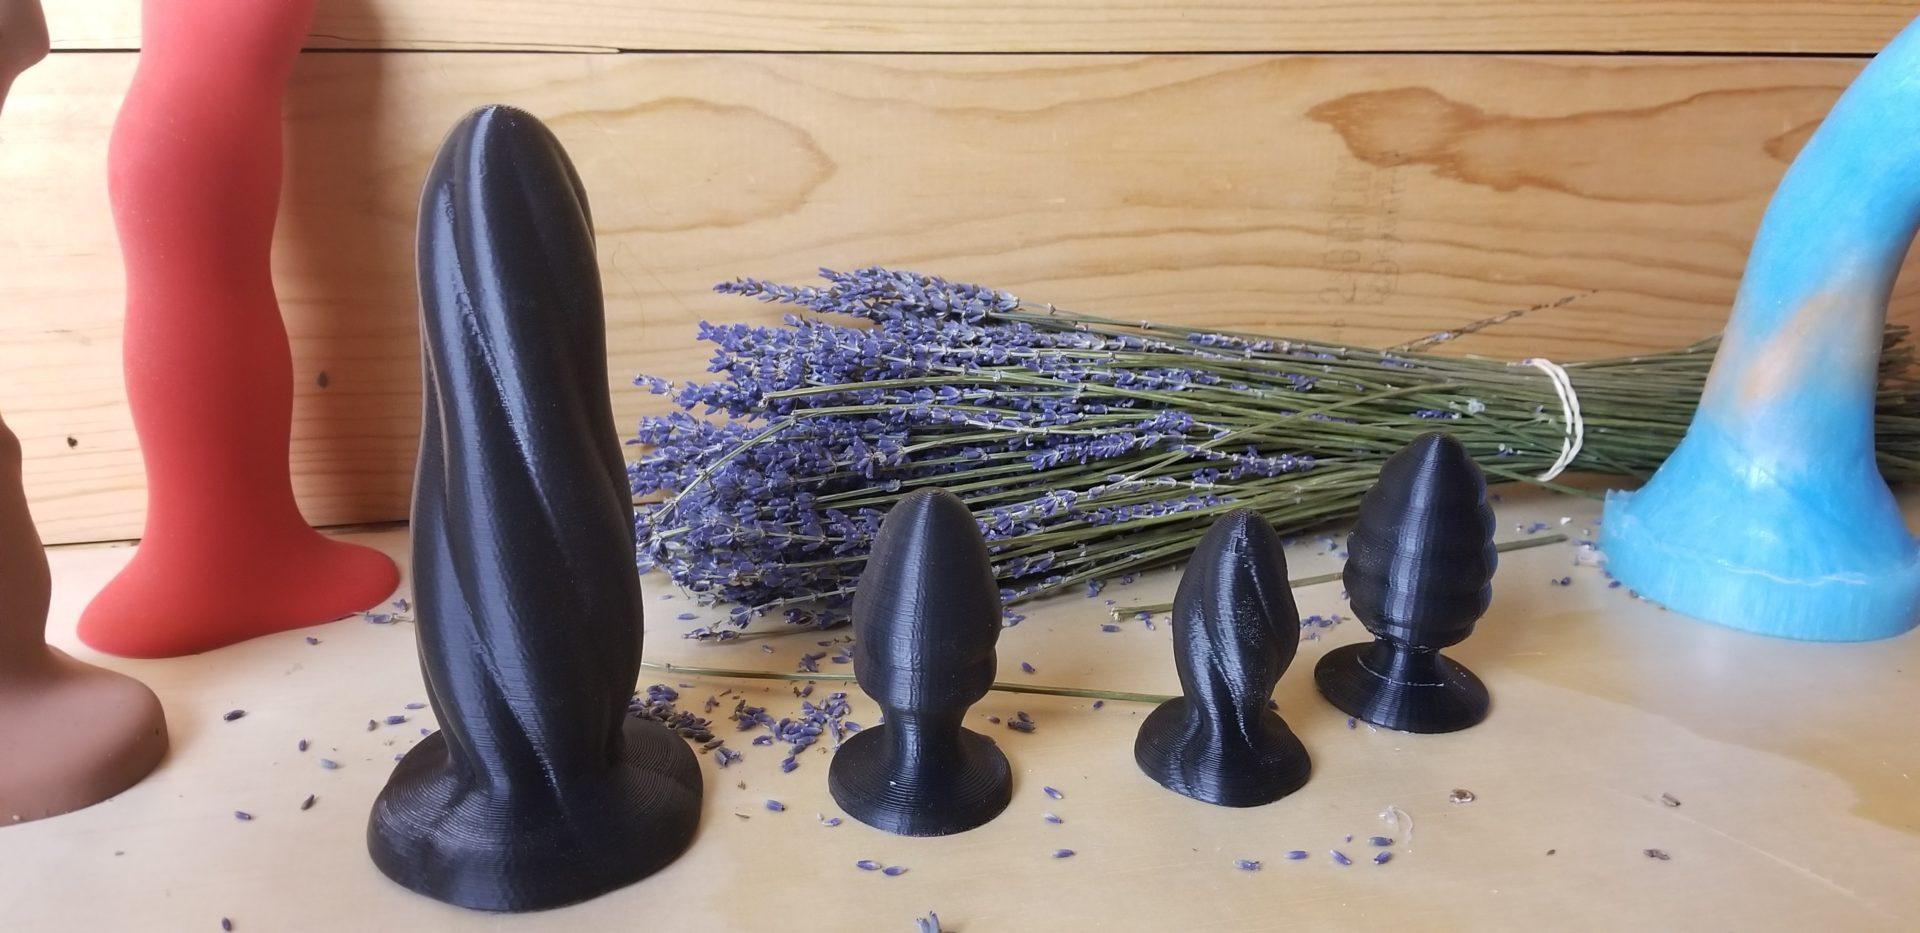 3D Anal Dildo dildo sculptor - sex toy collective